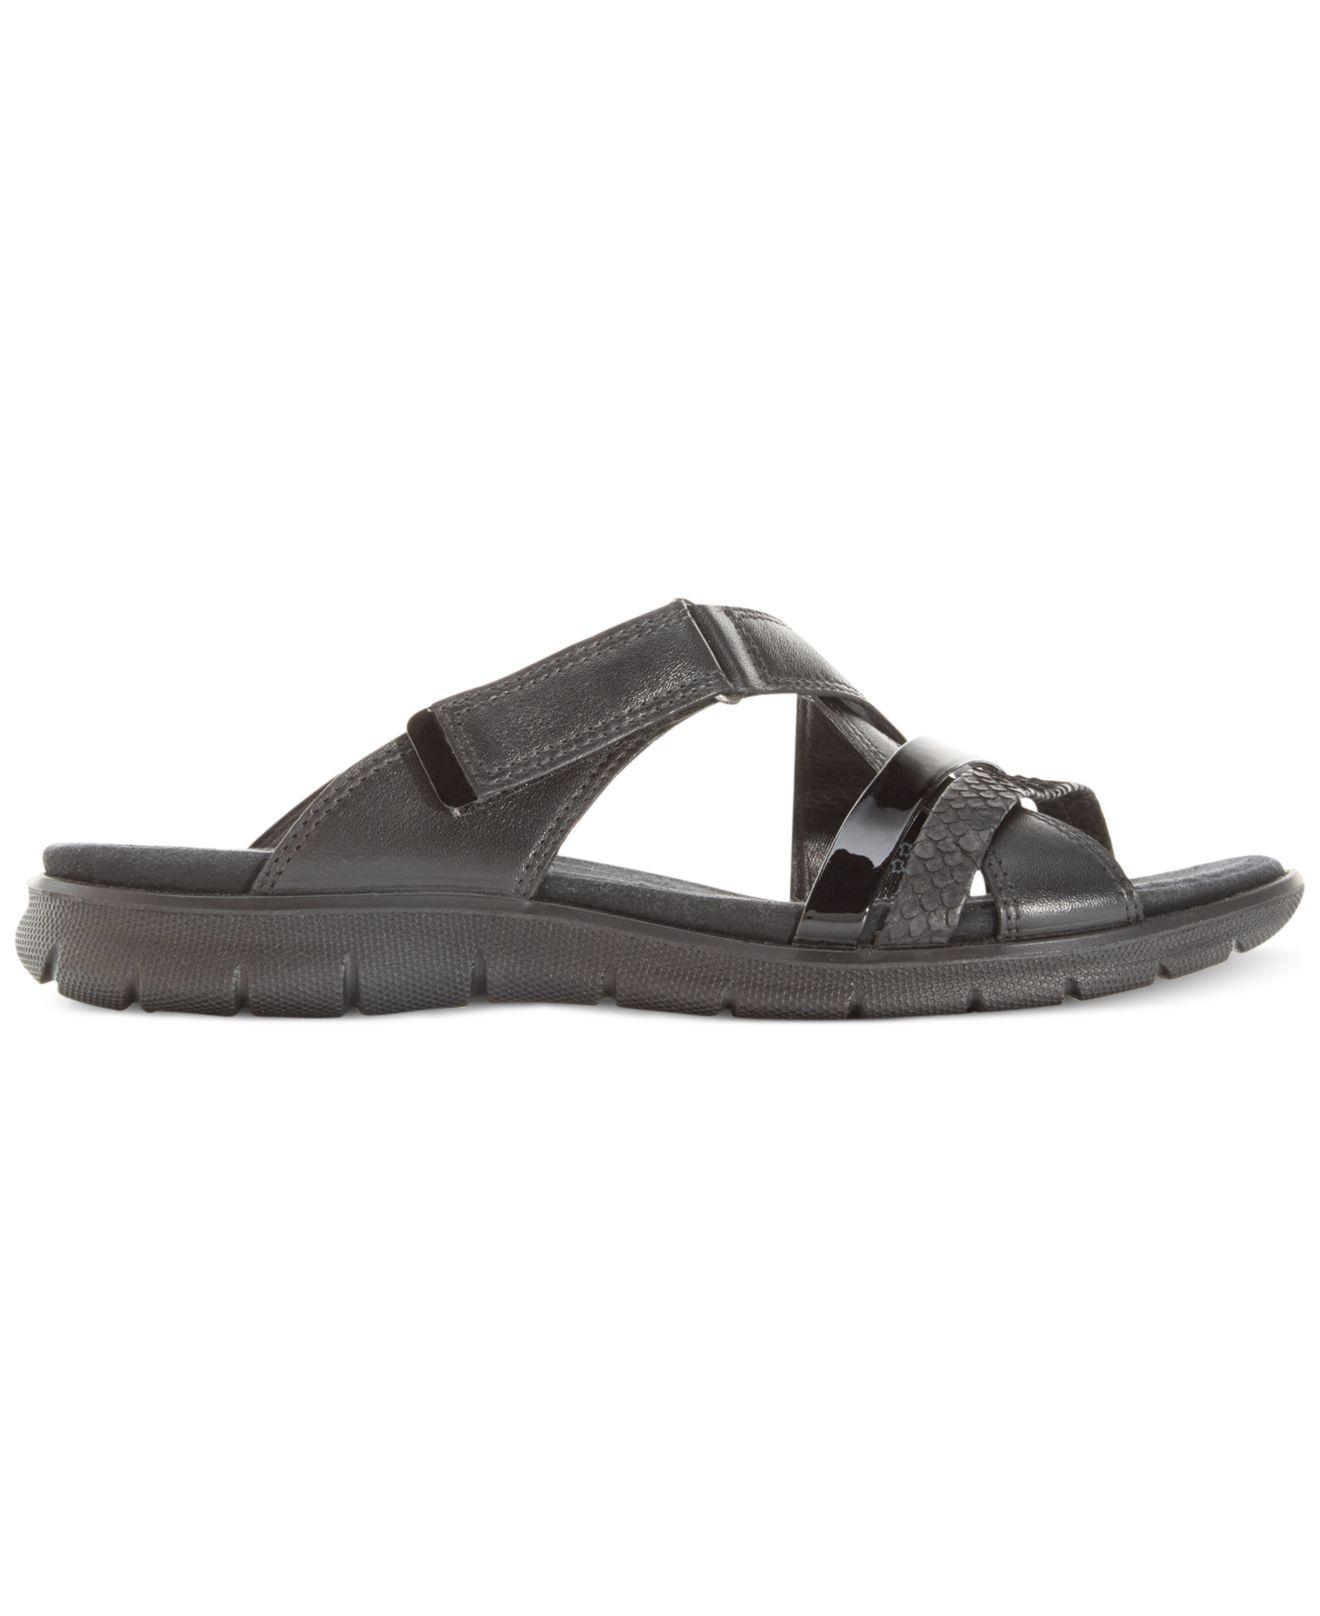 Innovative Womenu0026#39;s ASICSu00ae Slide Sandals Black - 582360 Sandals U0026 Flip Flops At Sportsmanu0026#39;s Guide